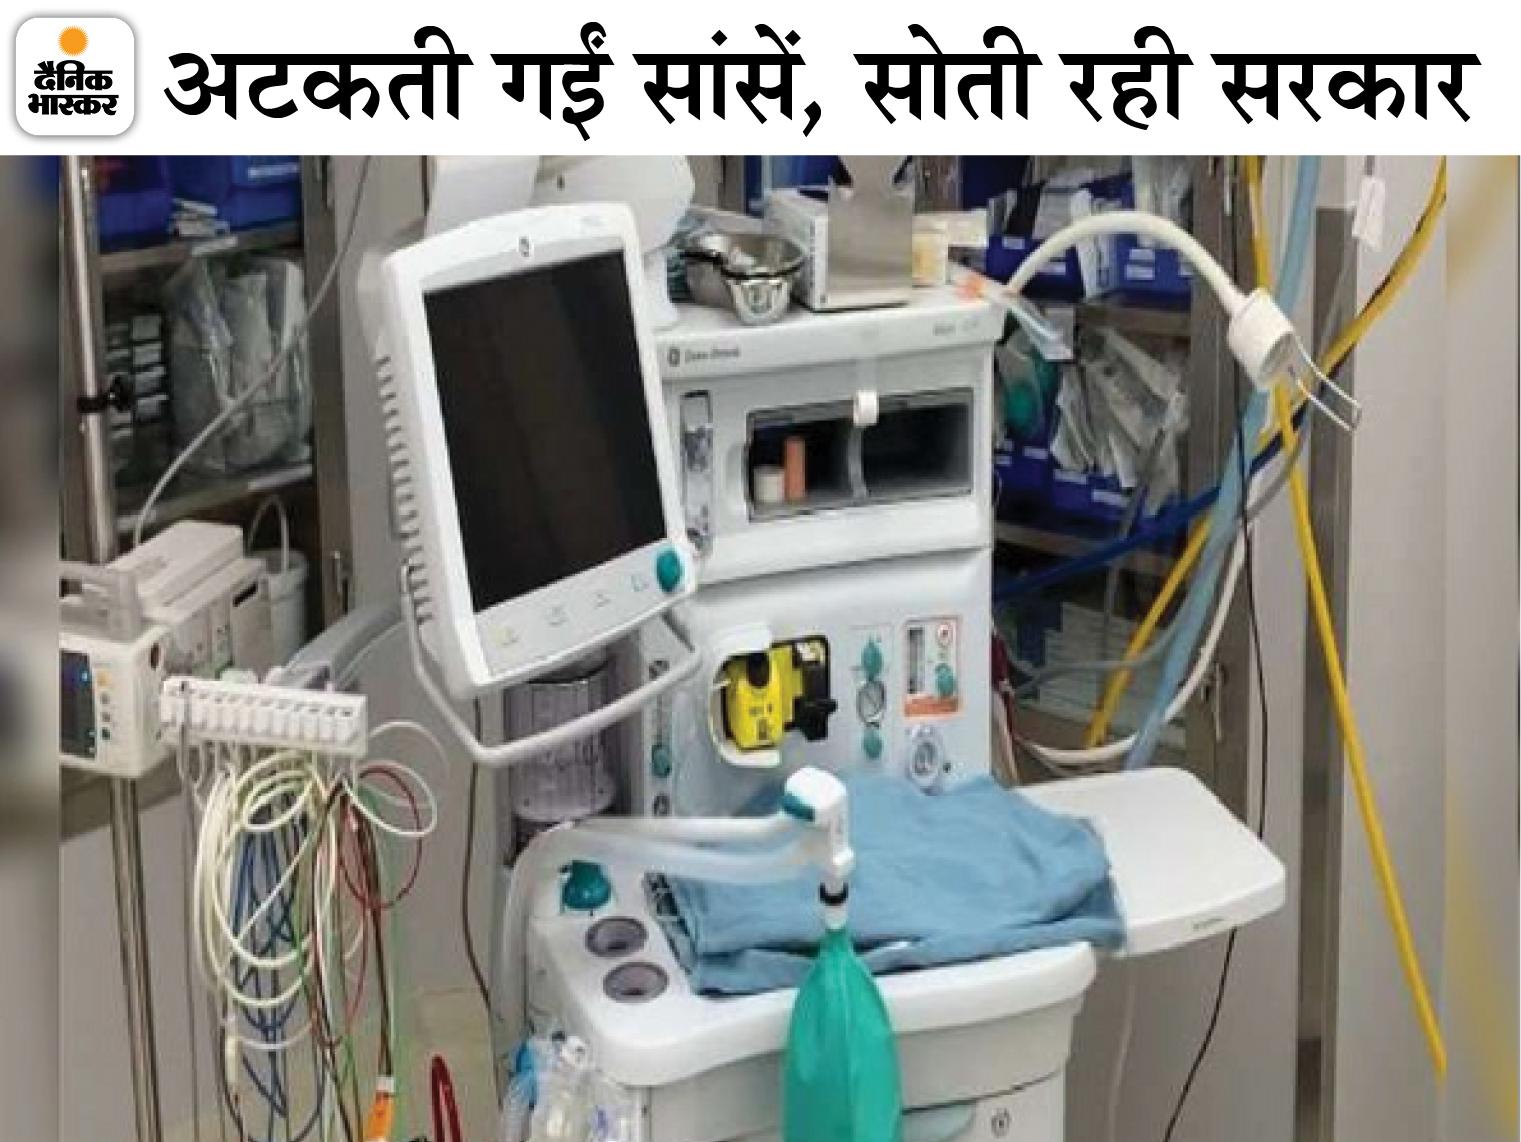 बिहार में मरीजों की जान जाती रही, लेकिन 36 जिलों में पैक रखे रहे 207 वेंटिलेटर; मंत्री बोले- चलाने वाले नहीं मिल रहे|बिहार,Bihar - Dainik Bhaskar